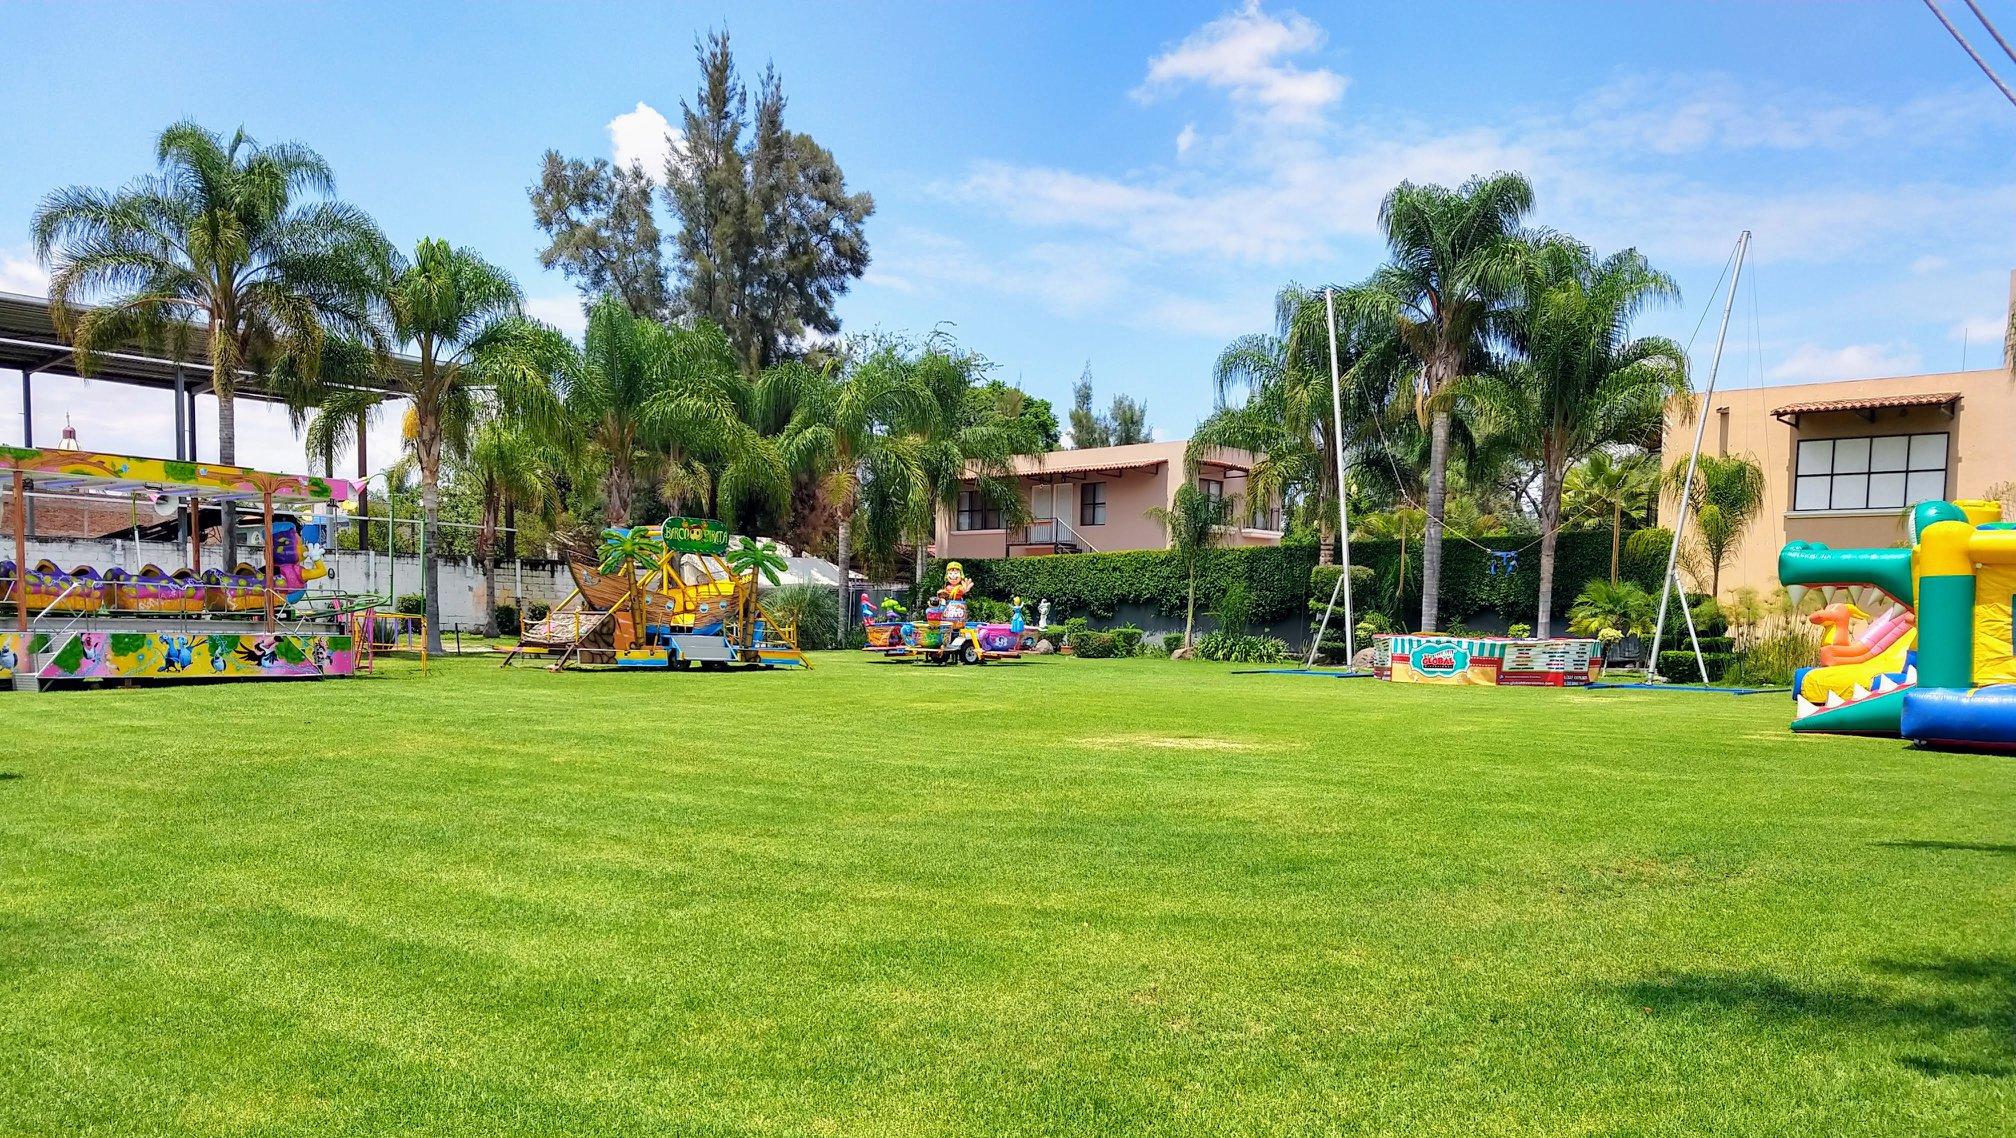 Imagen 2 del espacio Terraza Vasanta en Tlaquepaque, México